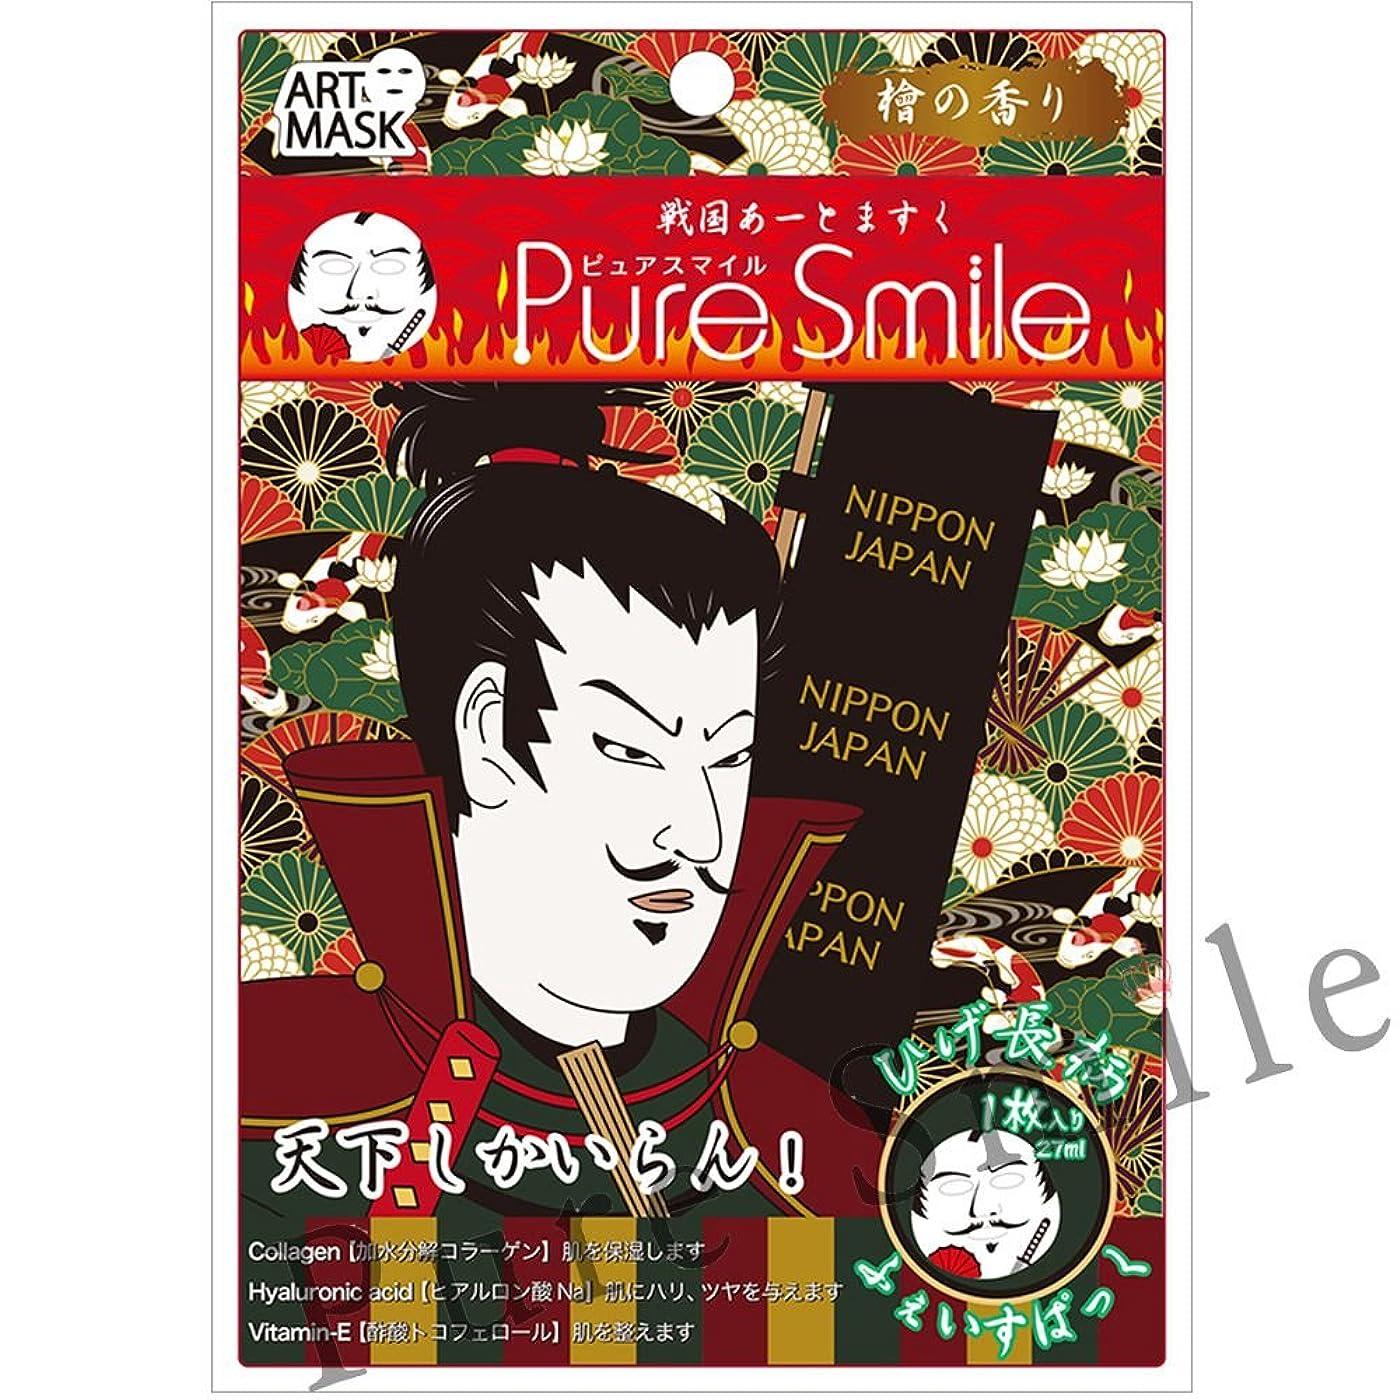 区別ビーズ月面Pure Smile(ピュアスマイル) フェイスマスク/アートマスク『戦国アートマスク』(ひげ長/檜の香り)